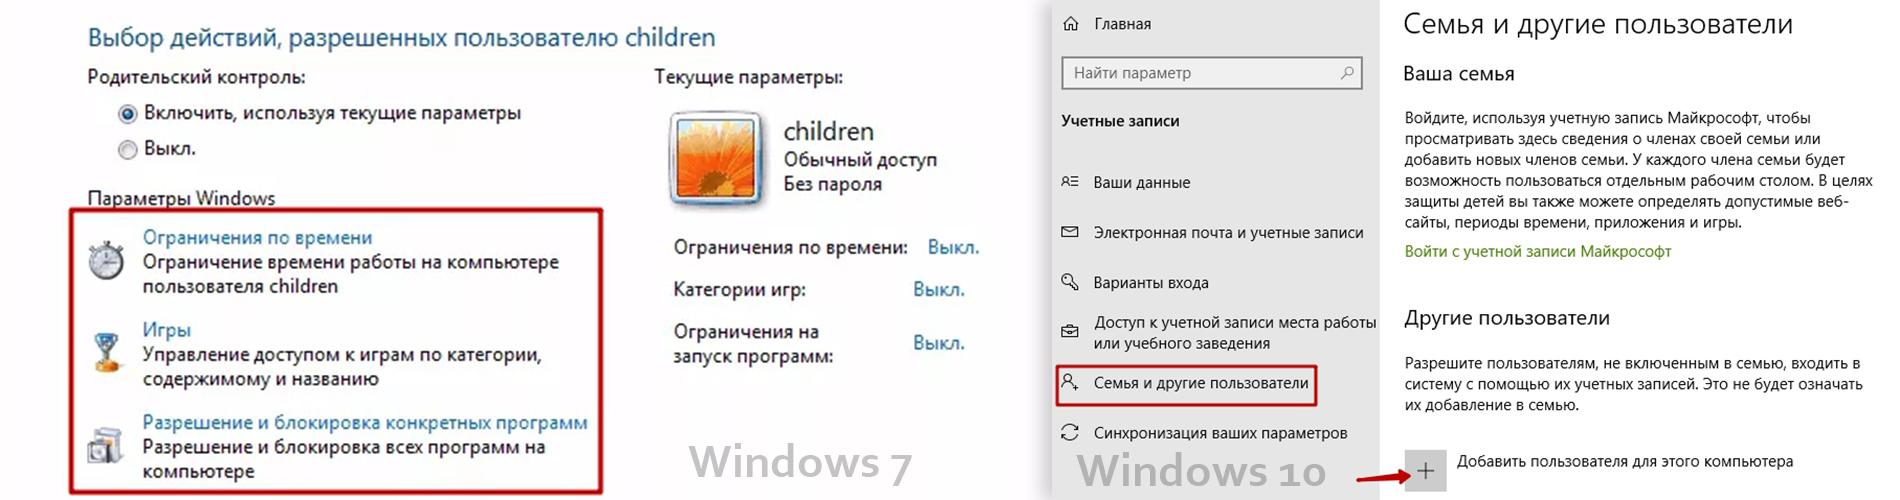 Учетная запись для ребёнка в Widows 7 и 10